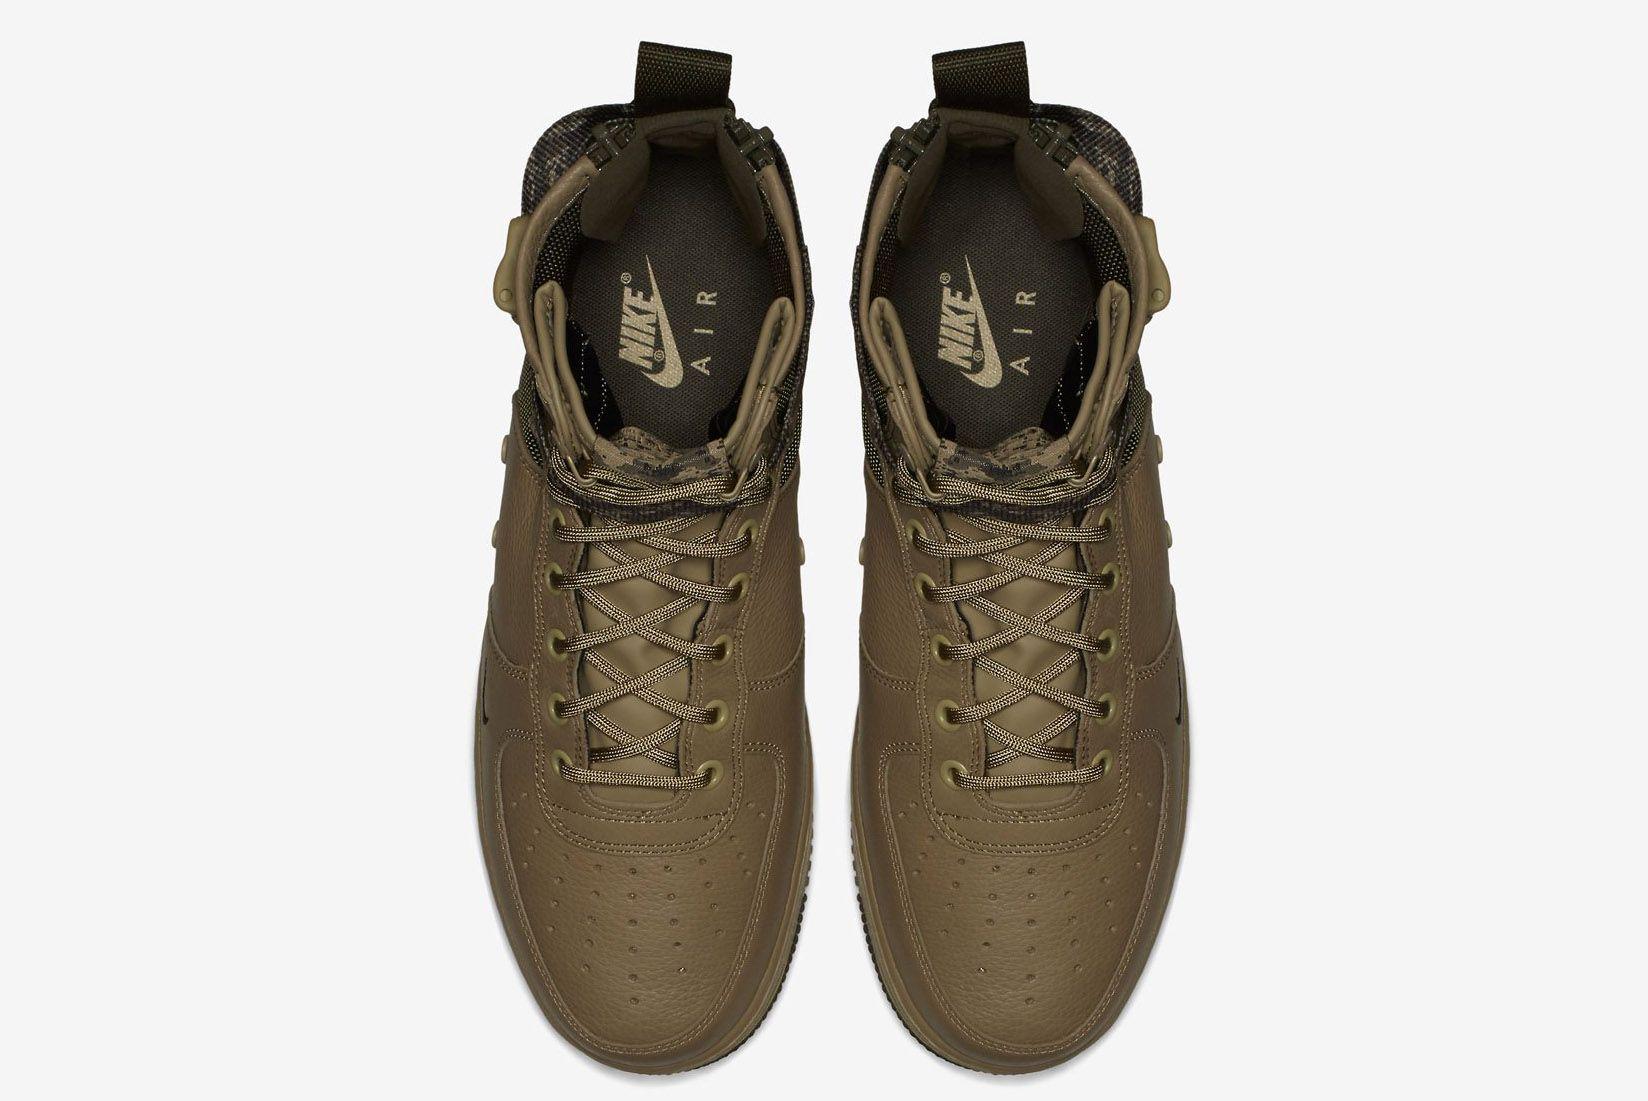 Nike Sf Af1 917753 201 Coming Soon 6